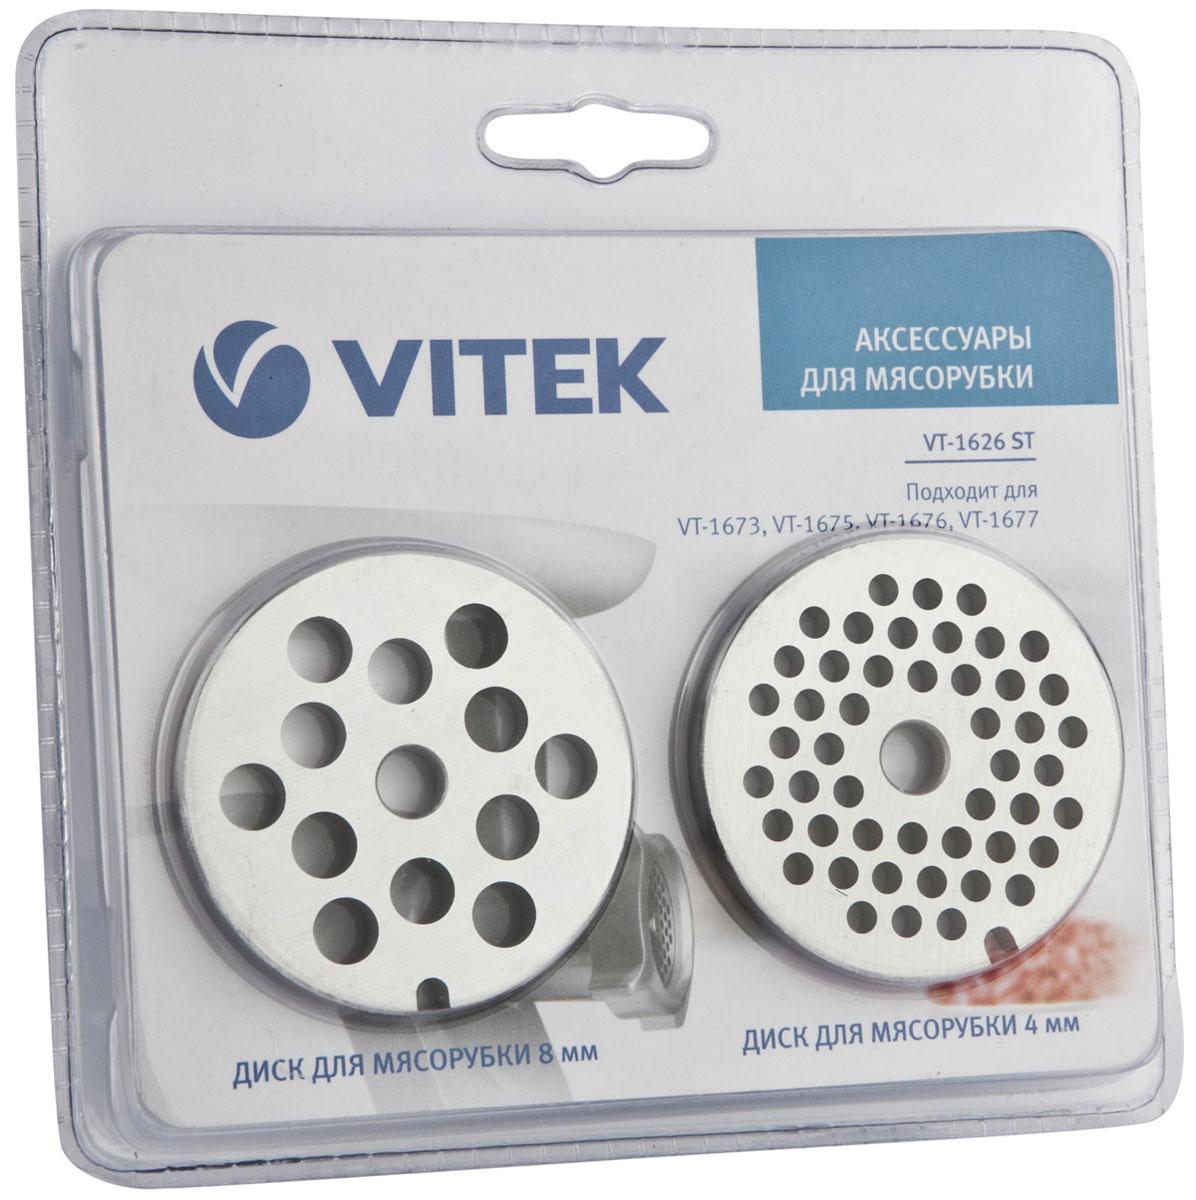 Vitek VT-1626 ST насадки для мясорубки (решетки)VT-1626(ST)Если вам необходимо часто готовить мелкий однородный фарш, то насадка для мясорубки VT-1626 ST - то, что надо. В перфорированном диске предусмотрены небольшие отверстия, что позволит получить мелкий фарш за считанные минуты. Данная насадка идеально подойдет для мясорубок VITEK таких моделей, как VT-1673, VT-1676, VT-1675, VT-1677, что подтверждает ее универсальность.